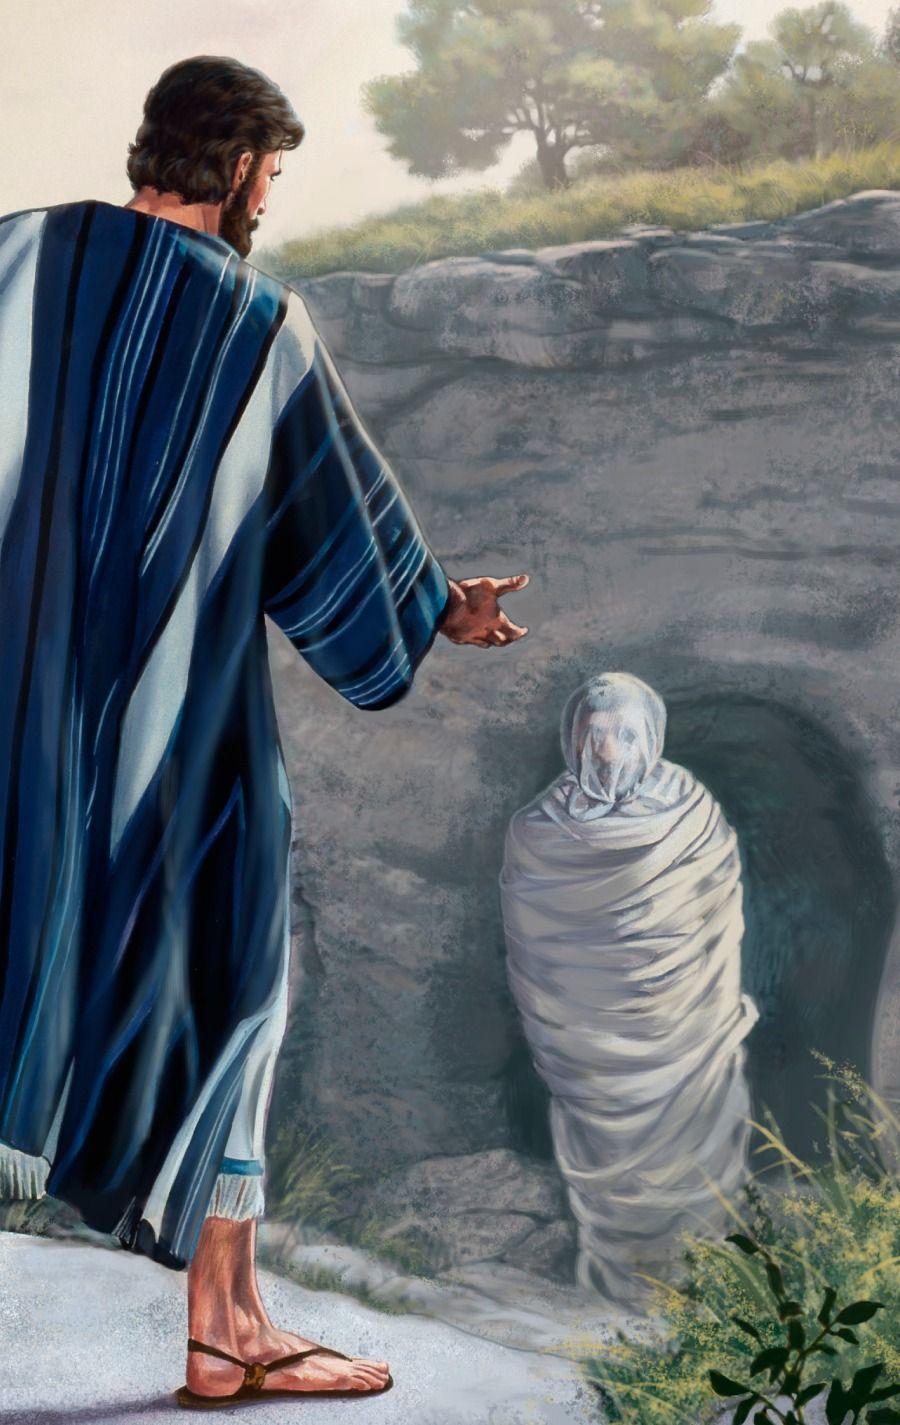 Es Cierto Que Jesus Resucitaba A Los Muertos Preguntas Sobre La Biblia Bible Questions Bible Pictures Bible